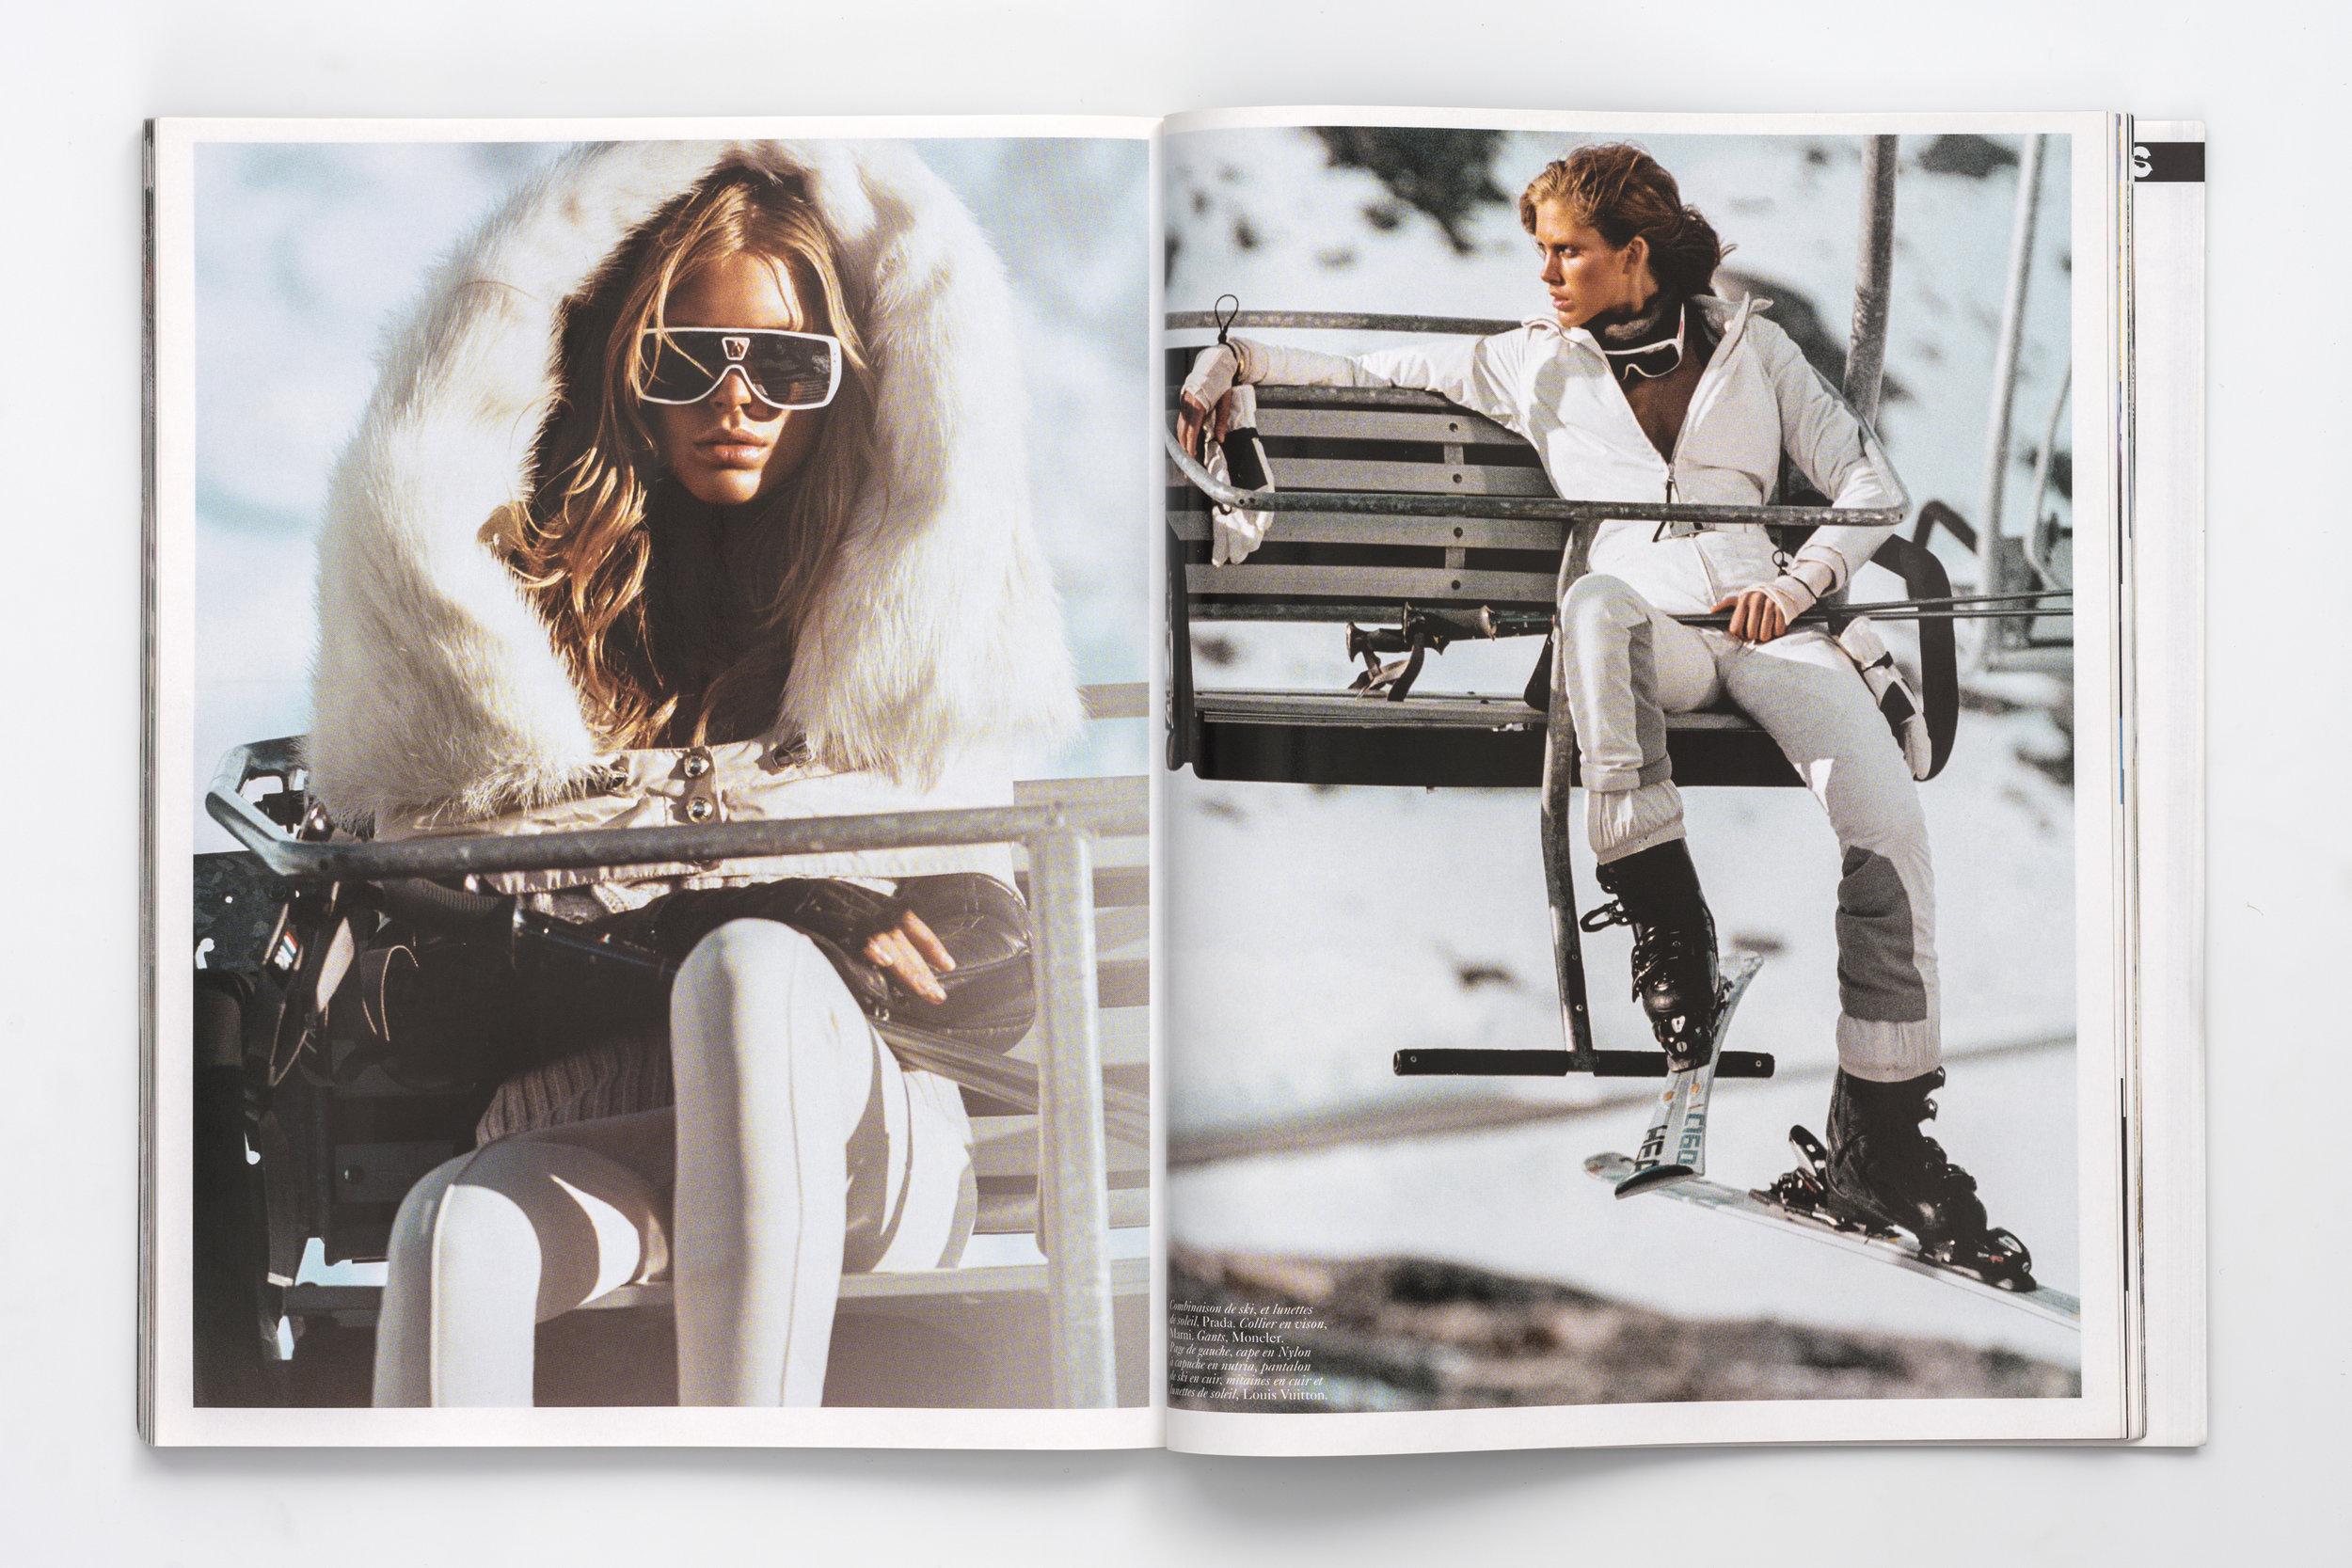 Iselin Steiro_Mikael Jansson_Vogue Paris_Hors Piste_6.jpg